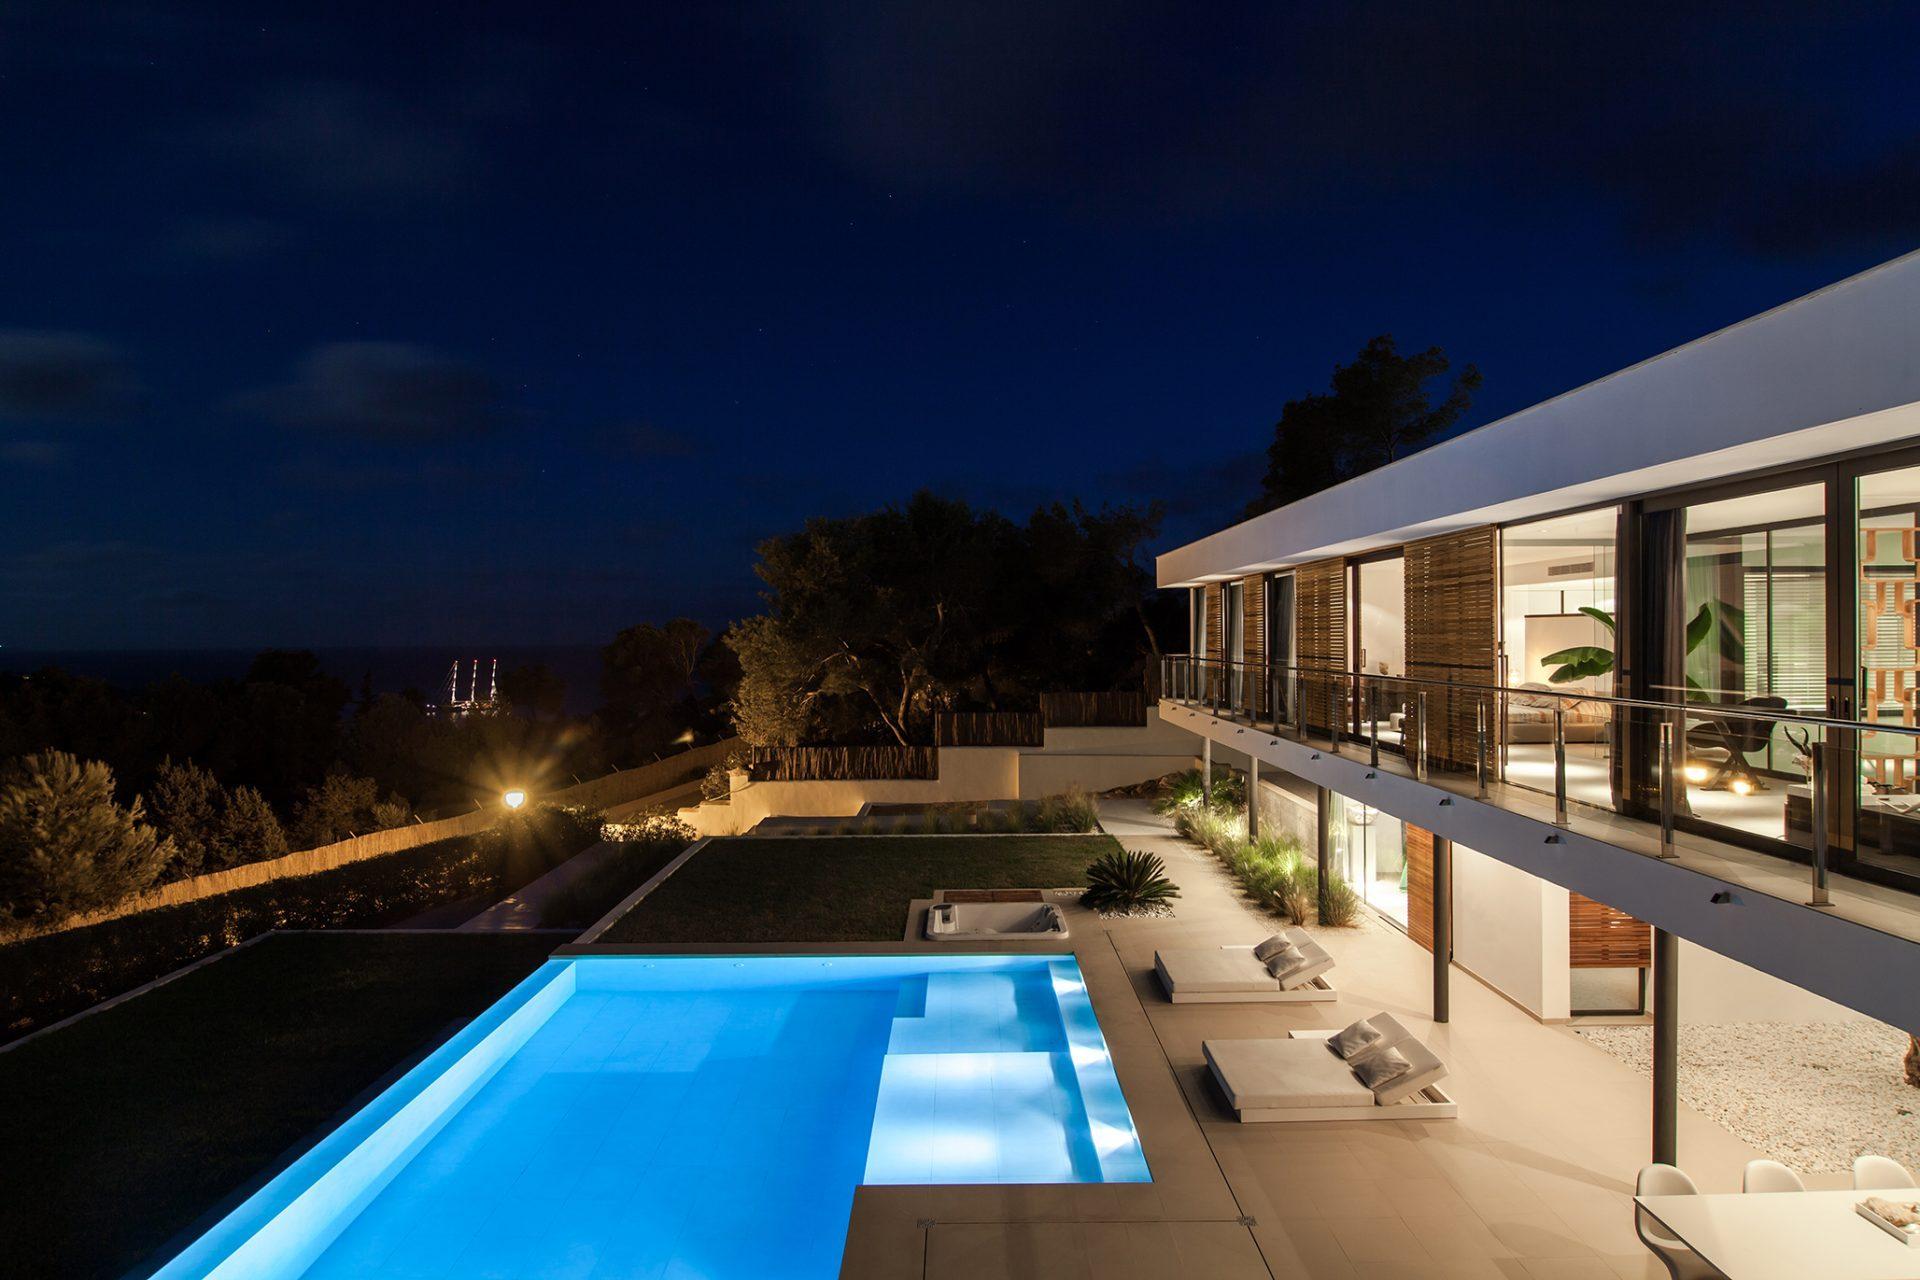 Villa Emilio Hq 63